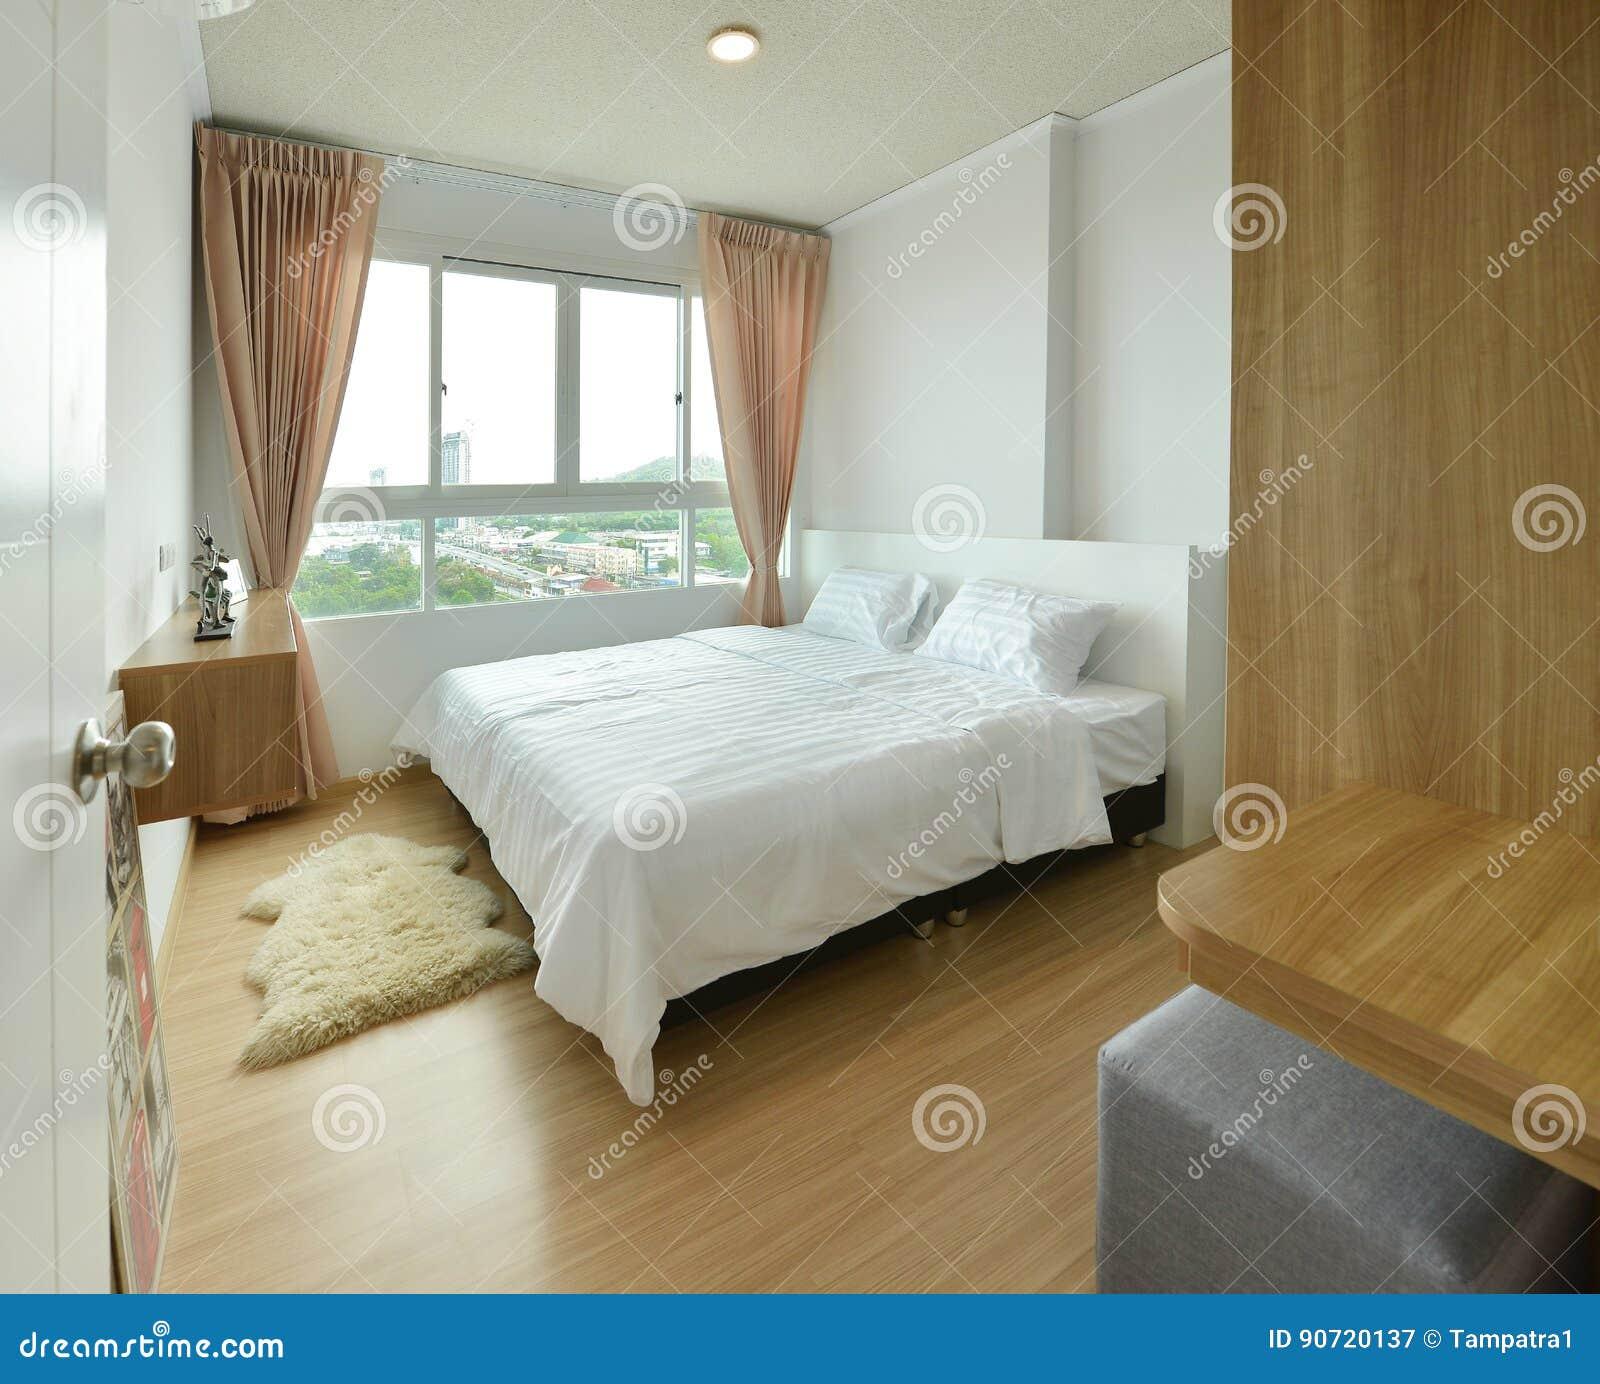 Decorazioni Camere Da Letto Moderne interno della camera da letto e decorazione moderni di lusso